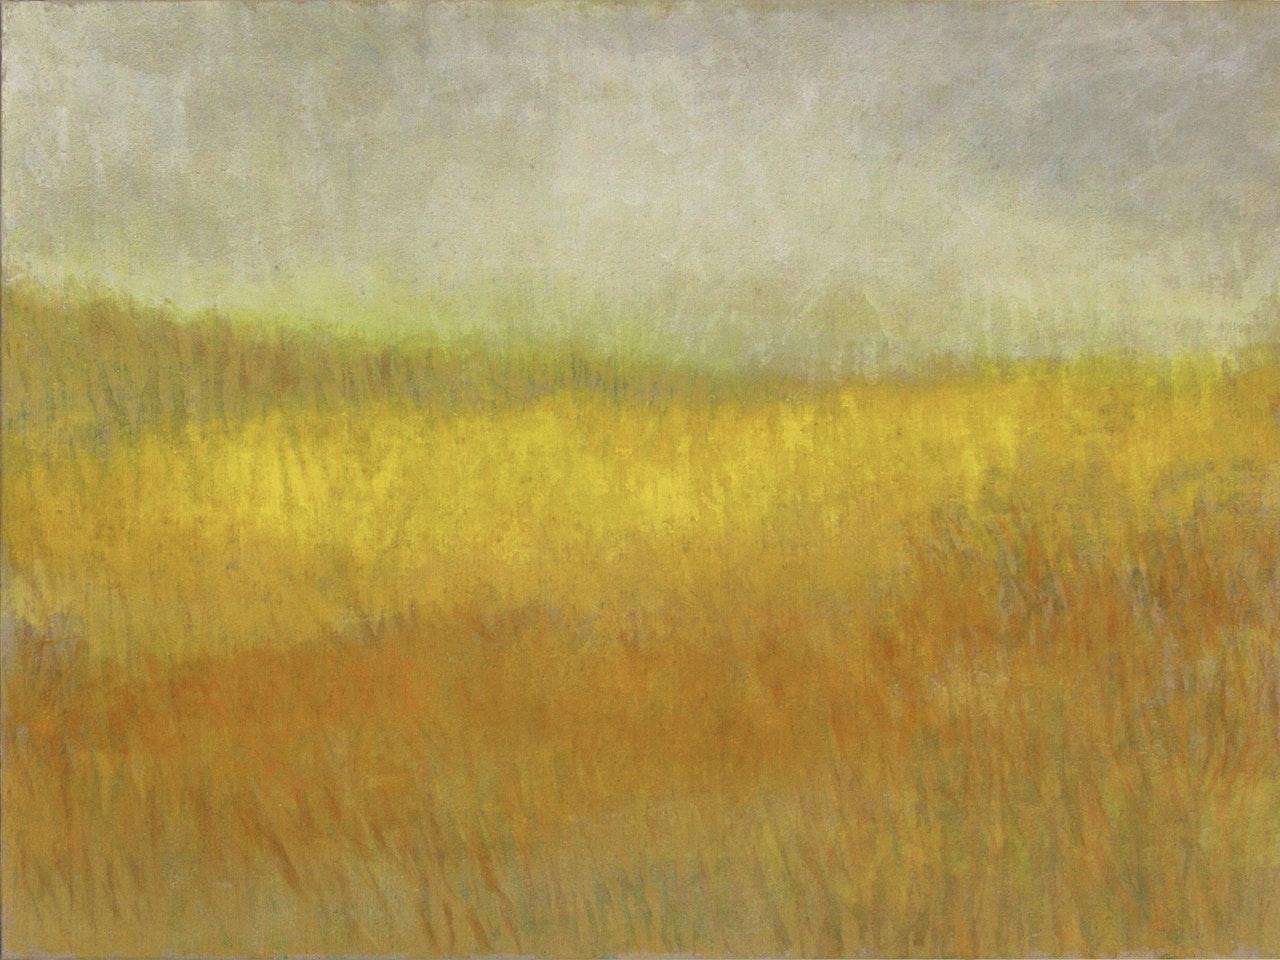 20_paysage_avec_figures_absentes_17_web